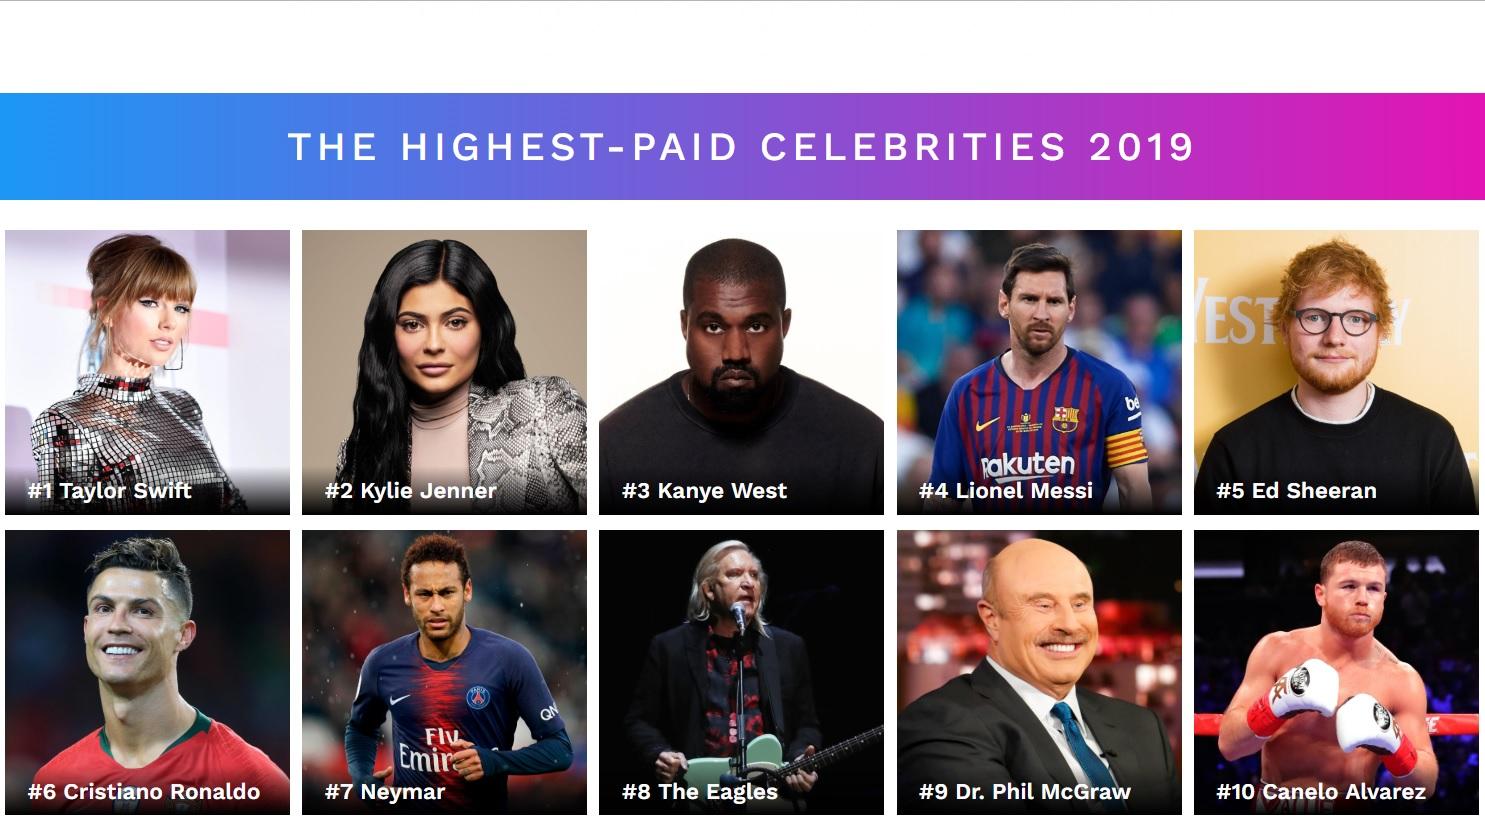 Lionel Messi lọt Top 4 ngôi sao thu nhập nhiều nhất trong 1 năm, bỏ xa Cristiano Ronaldo